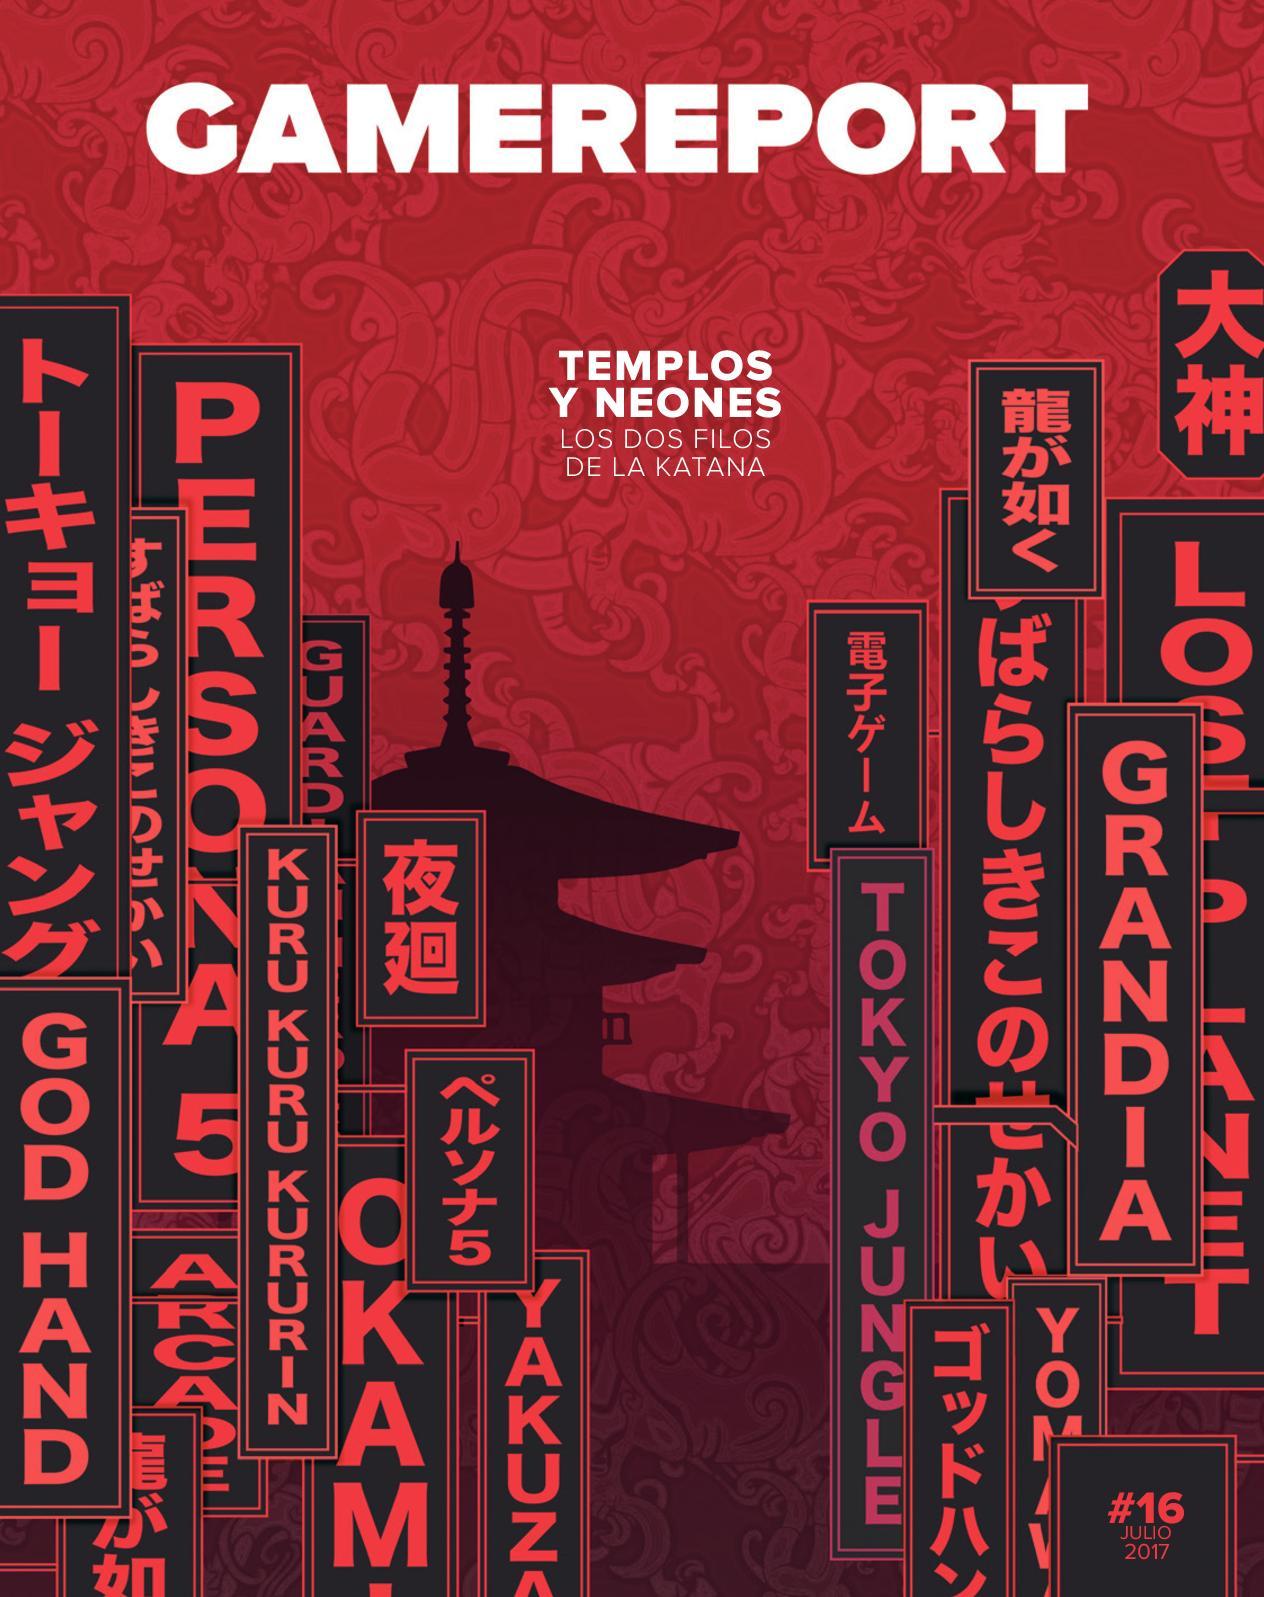 Nuestros Picaros Abuelos Porn calaméo - gr16 templos y neones los dos filos de la katana